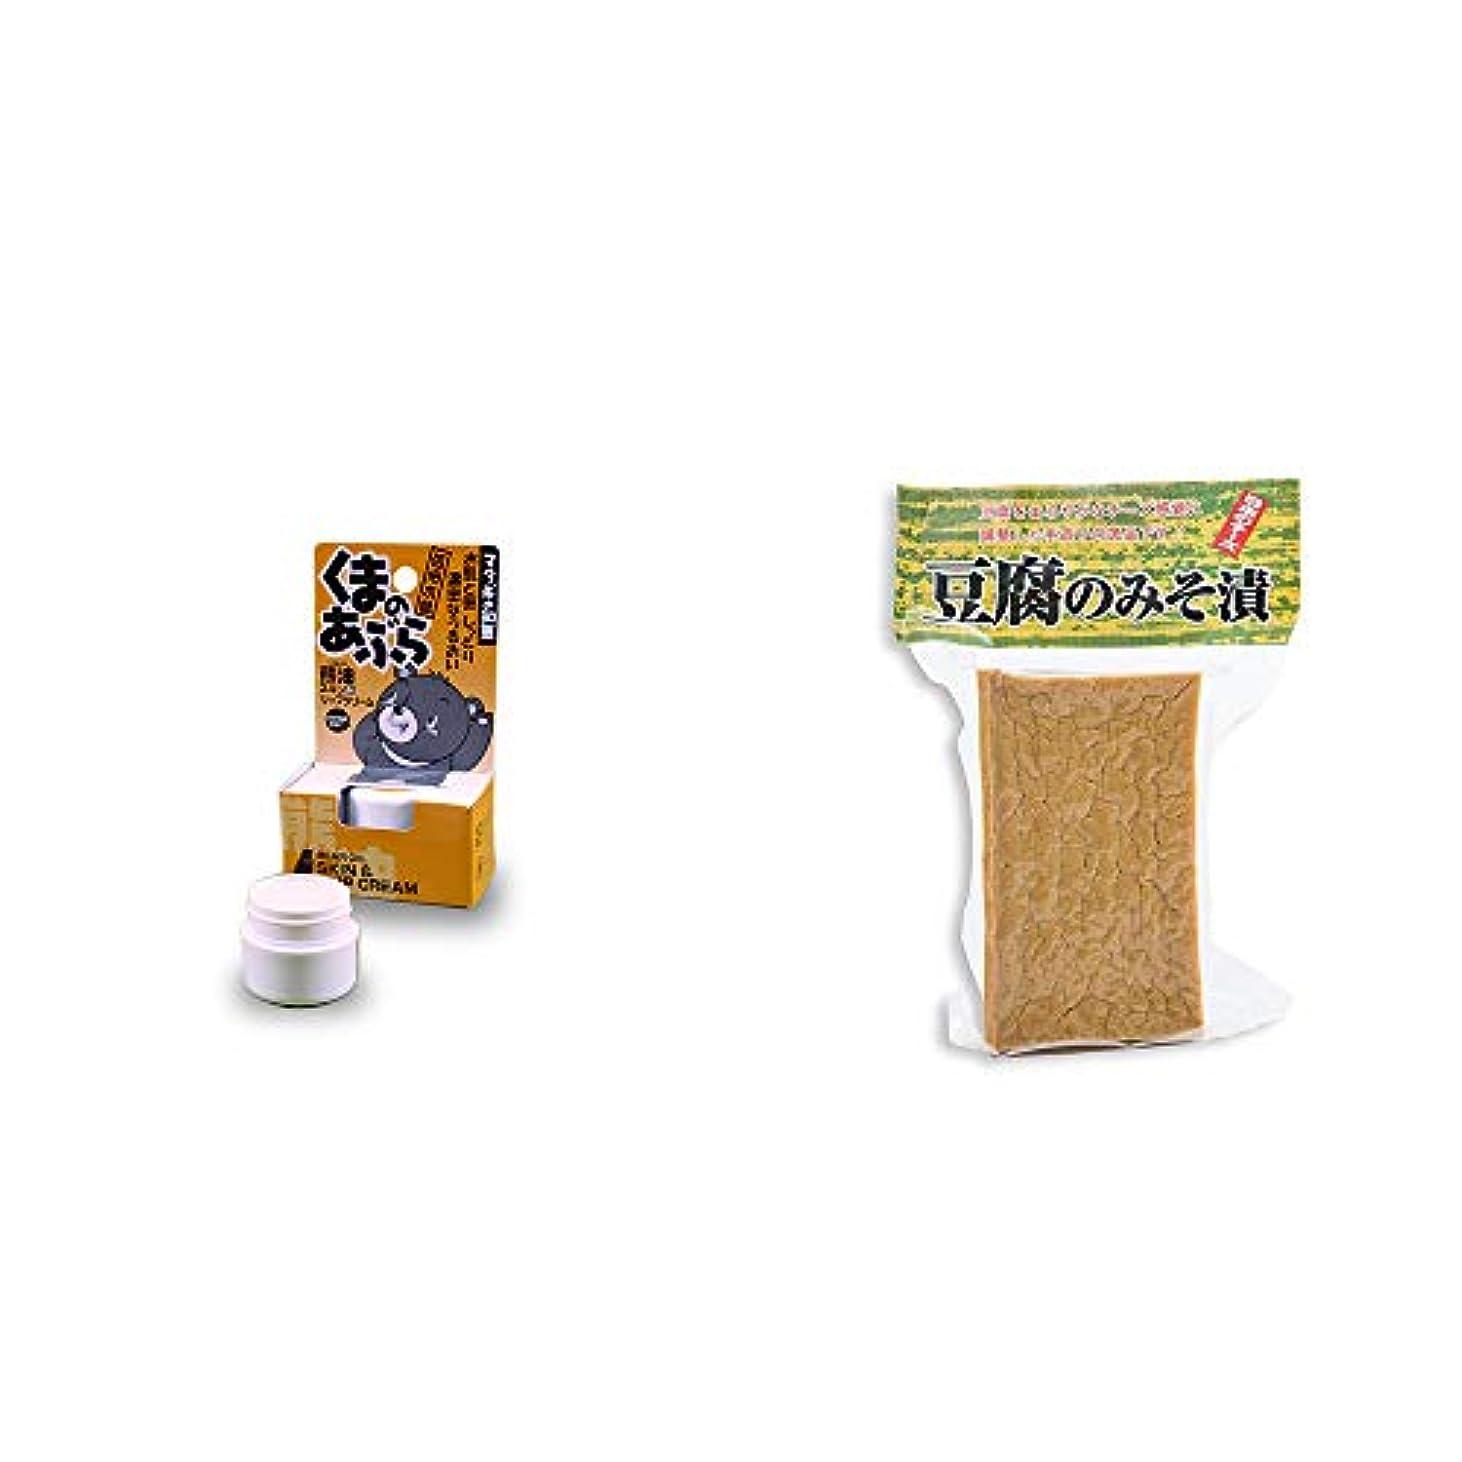 スツール展示会うま[2点セット] 信州木曽 くまのあぶら 熊油スキン&リップクリーム(9g)?日本のチーズ 豆腐のみそ漬(1個入)